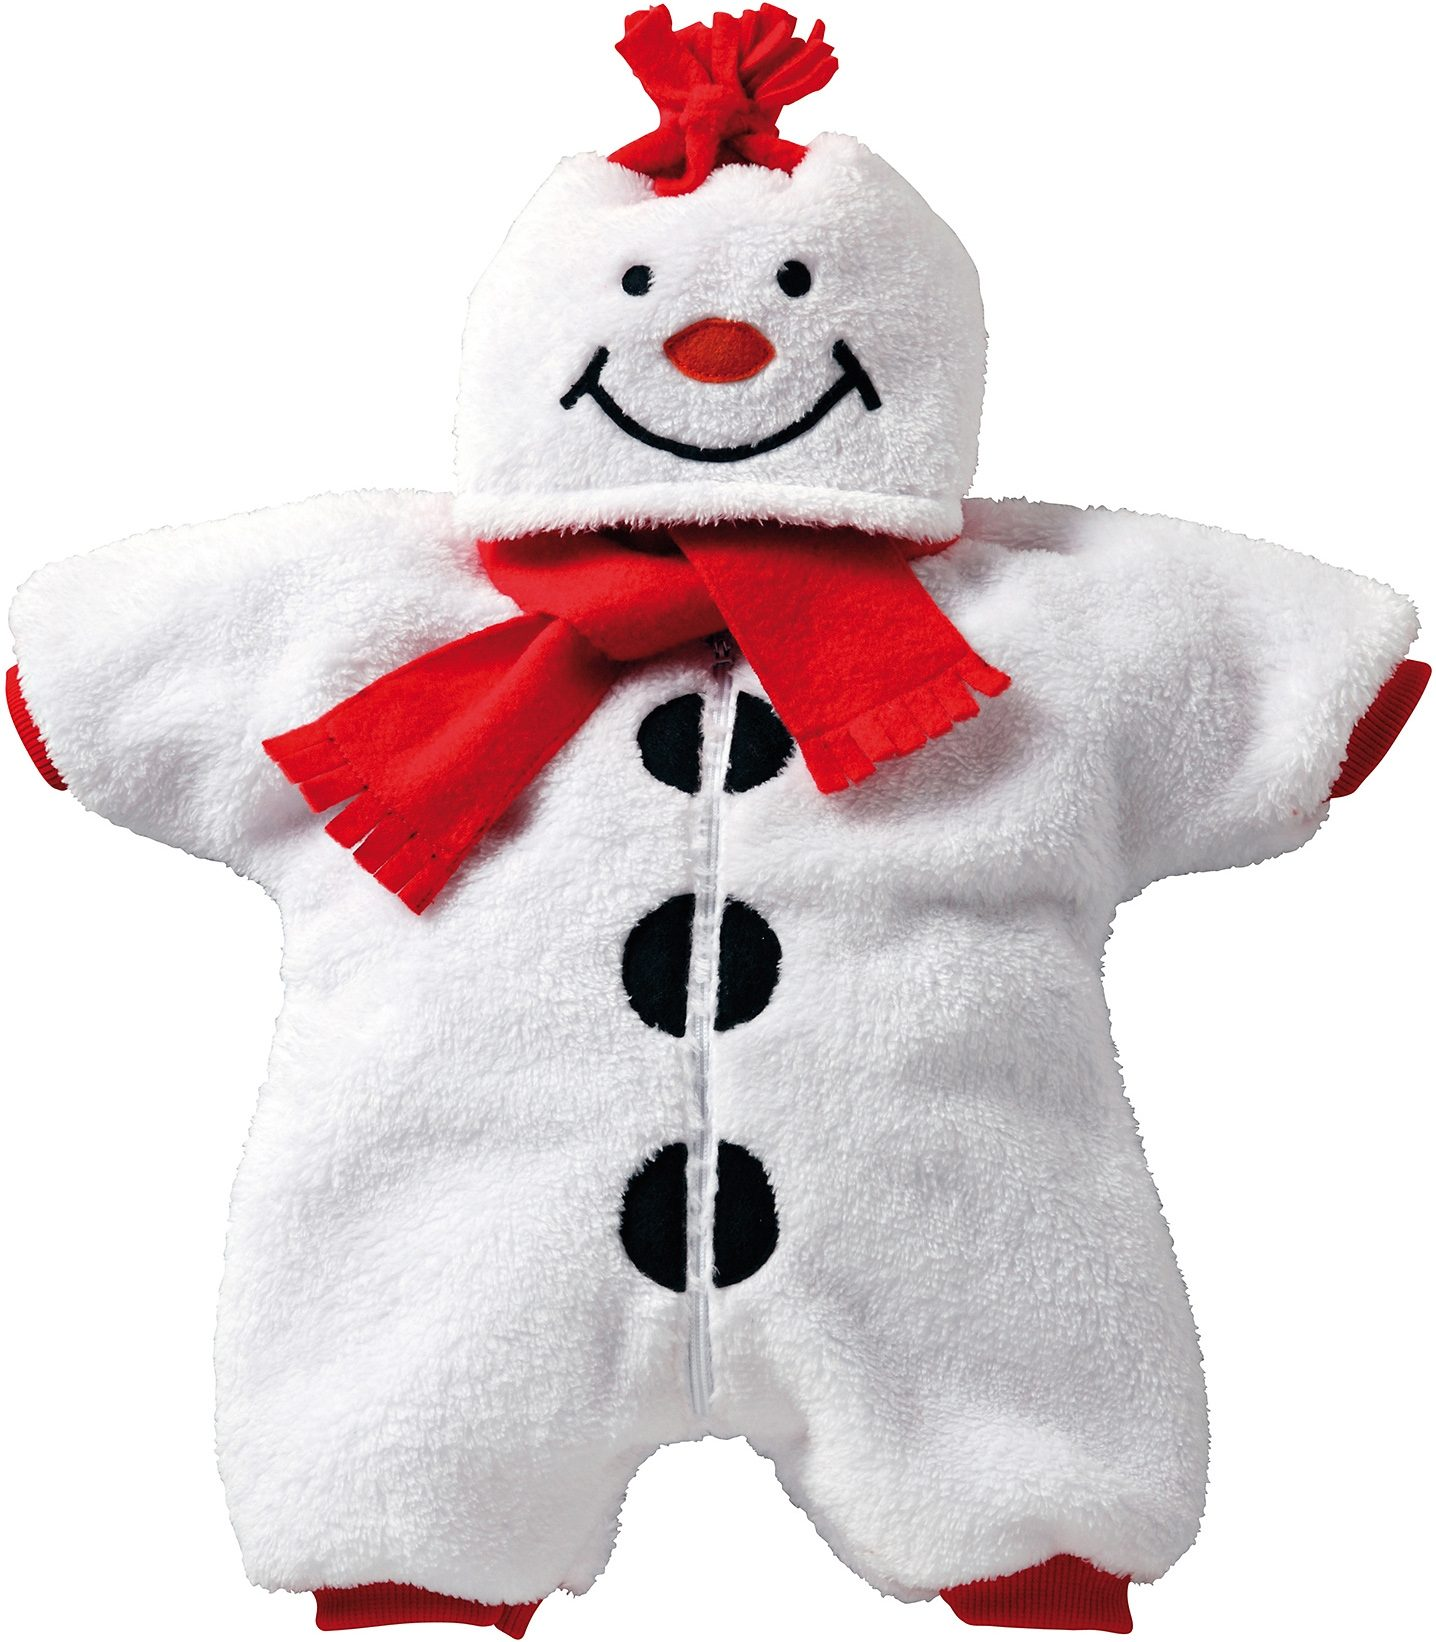 Heless® Puppenbekleidung Winteranzug Größe 35-46 cm, »Schneemann«